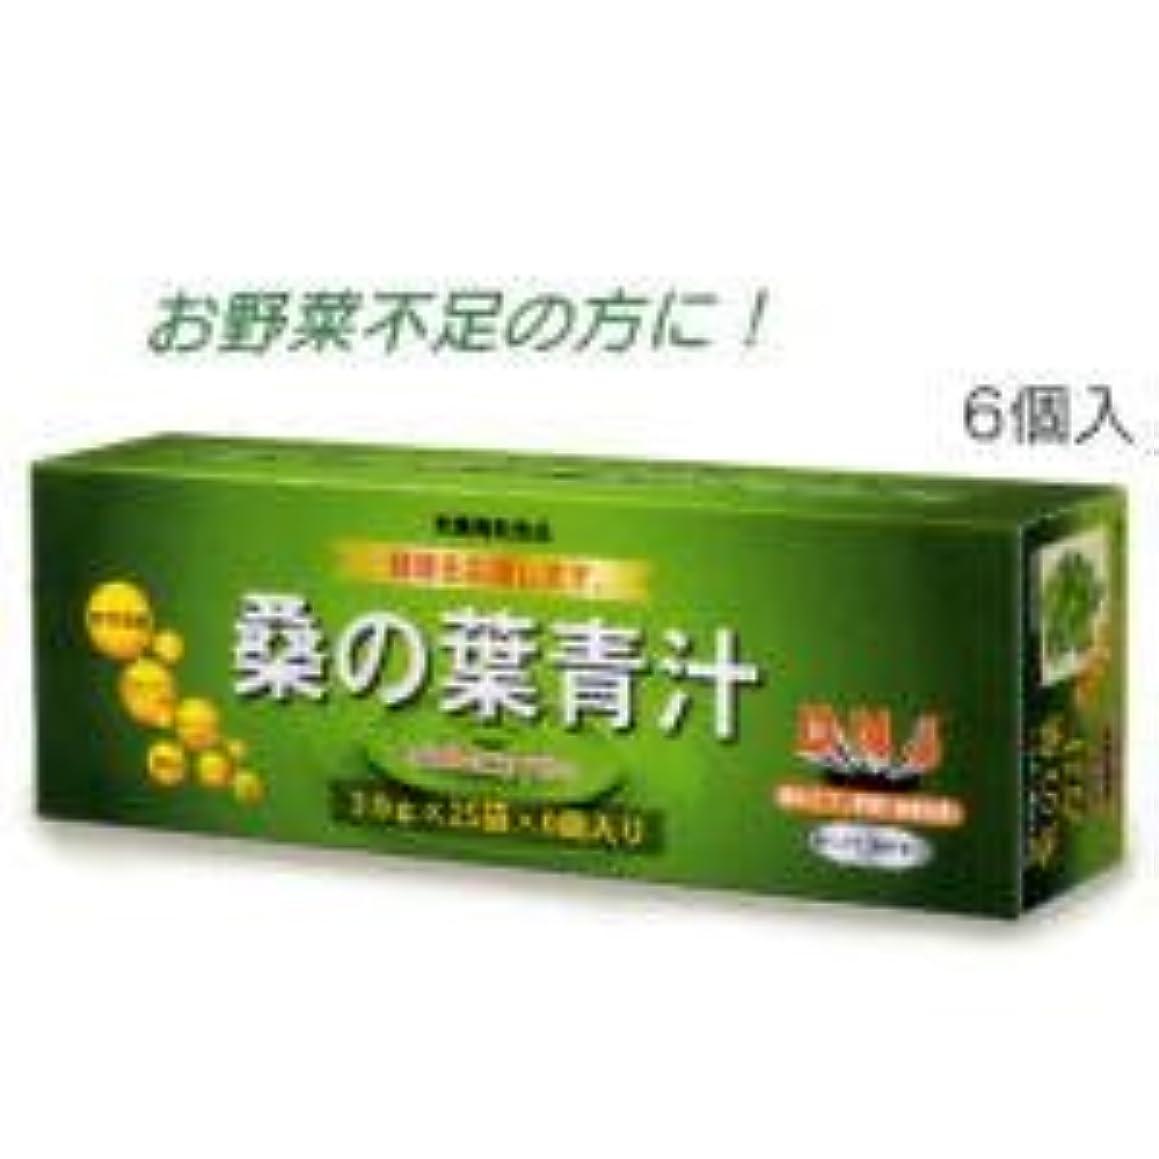 蚊赤面ドレイン桑の葉青汁 6個入り